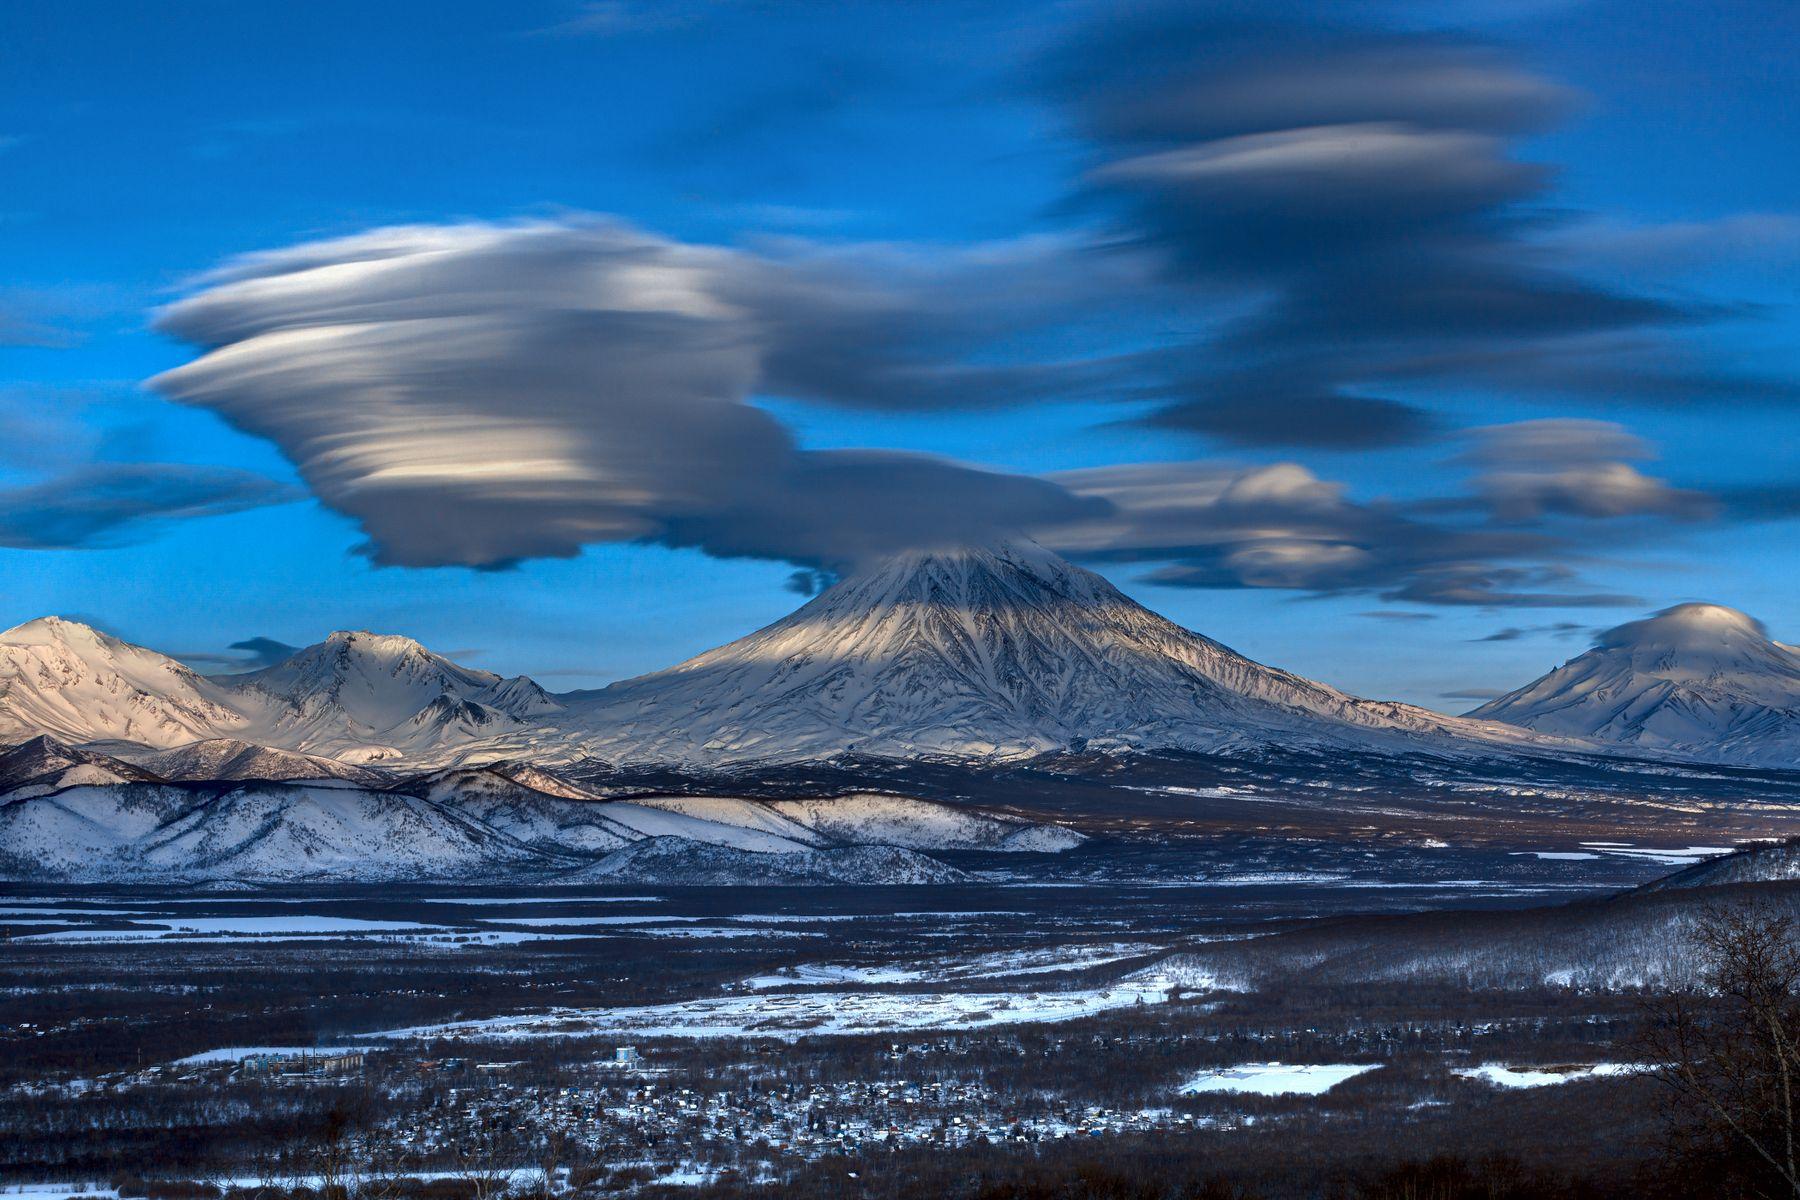 Корякский в окружении облаков